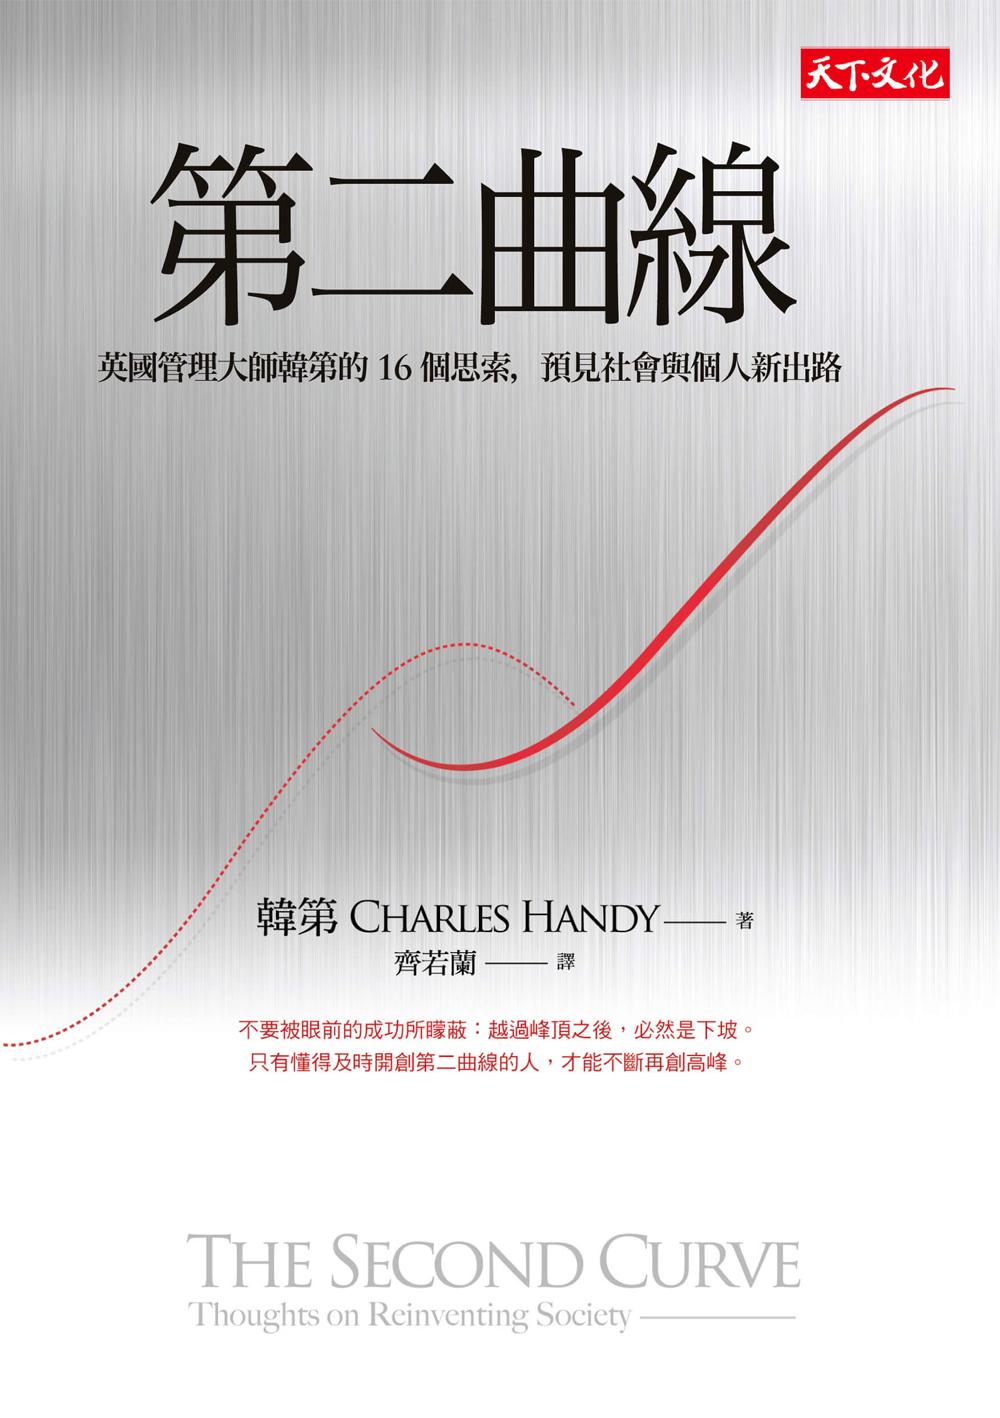 第二曲線:英國管理大師韓第的 16個思索,預見社會與個人新出路 (電子書)